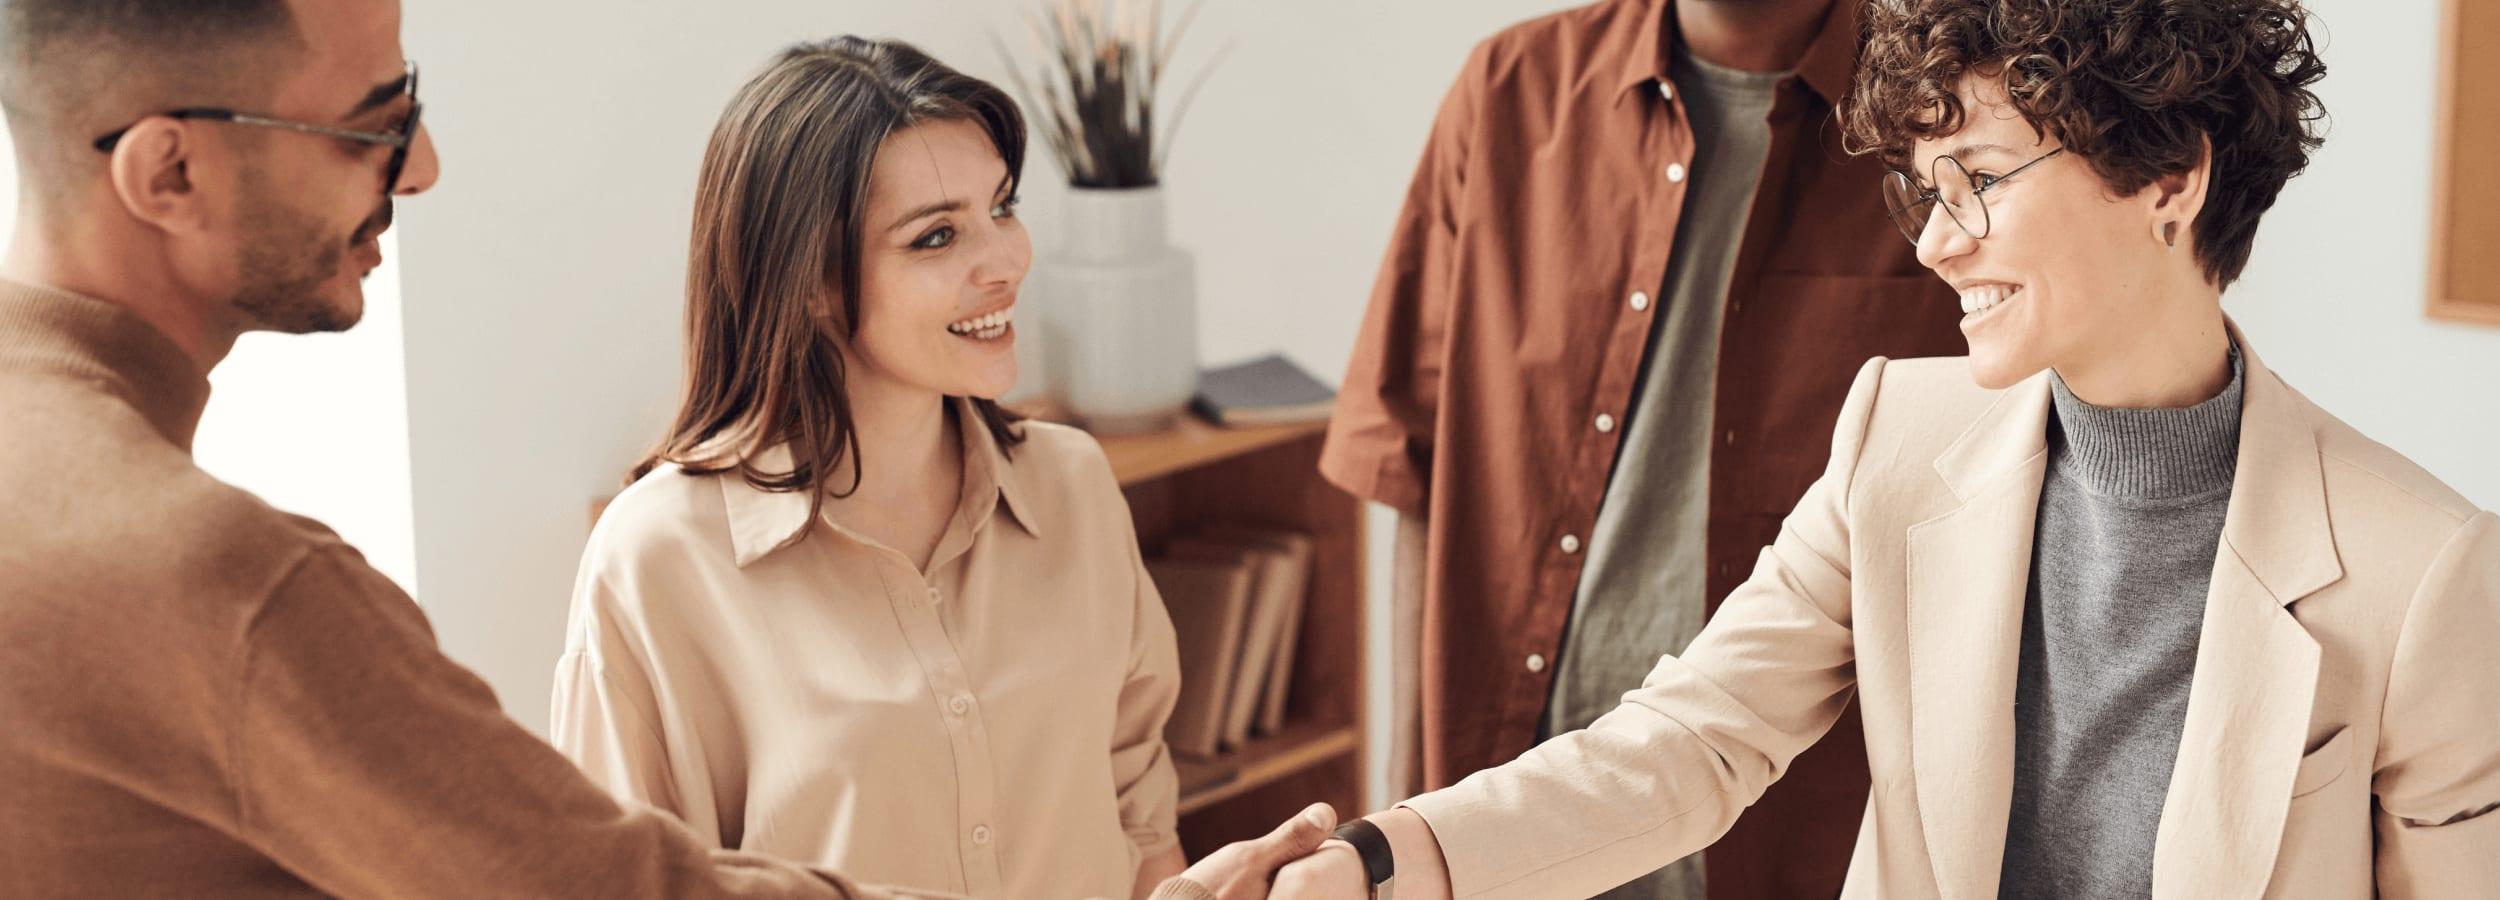 Devenir co-gérant en SARL : tout ce qu'il faut savoir